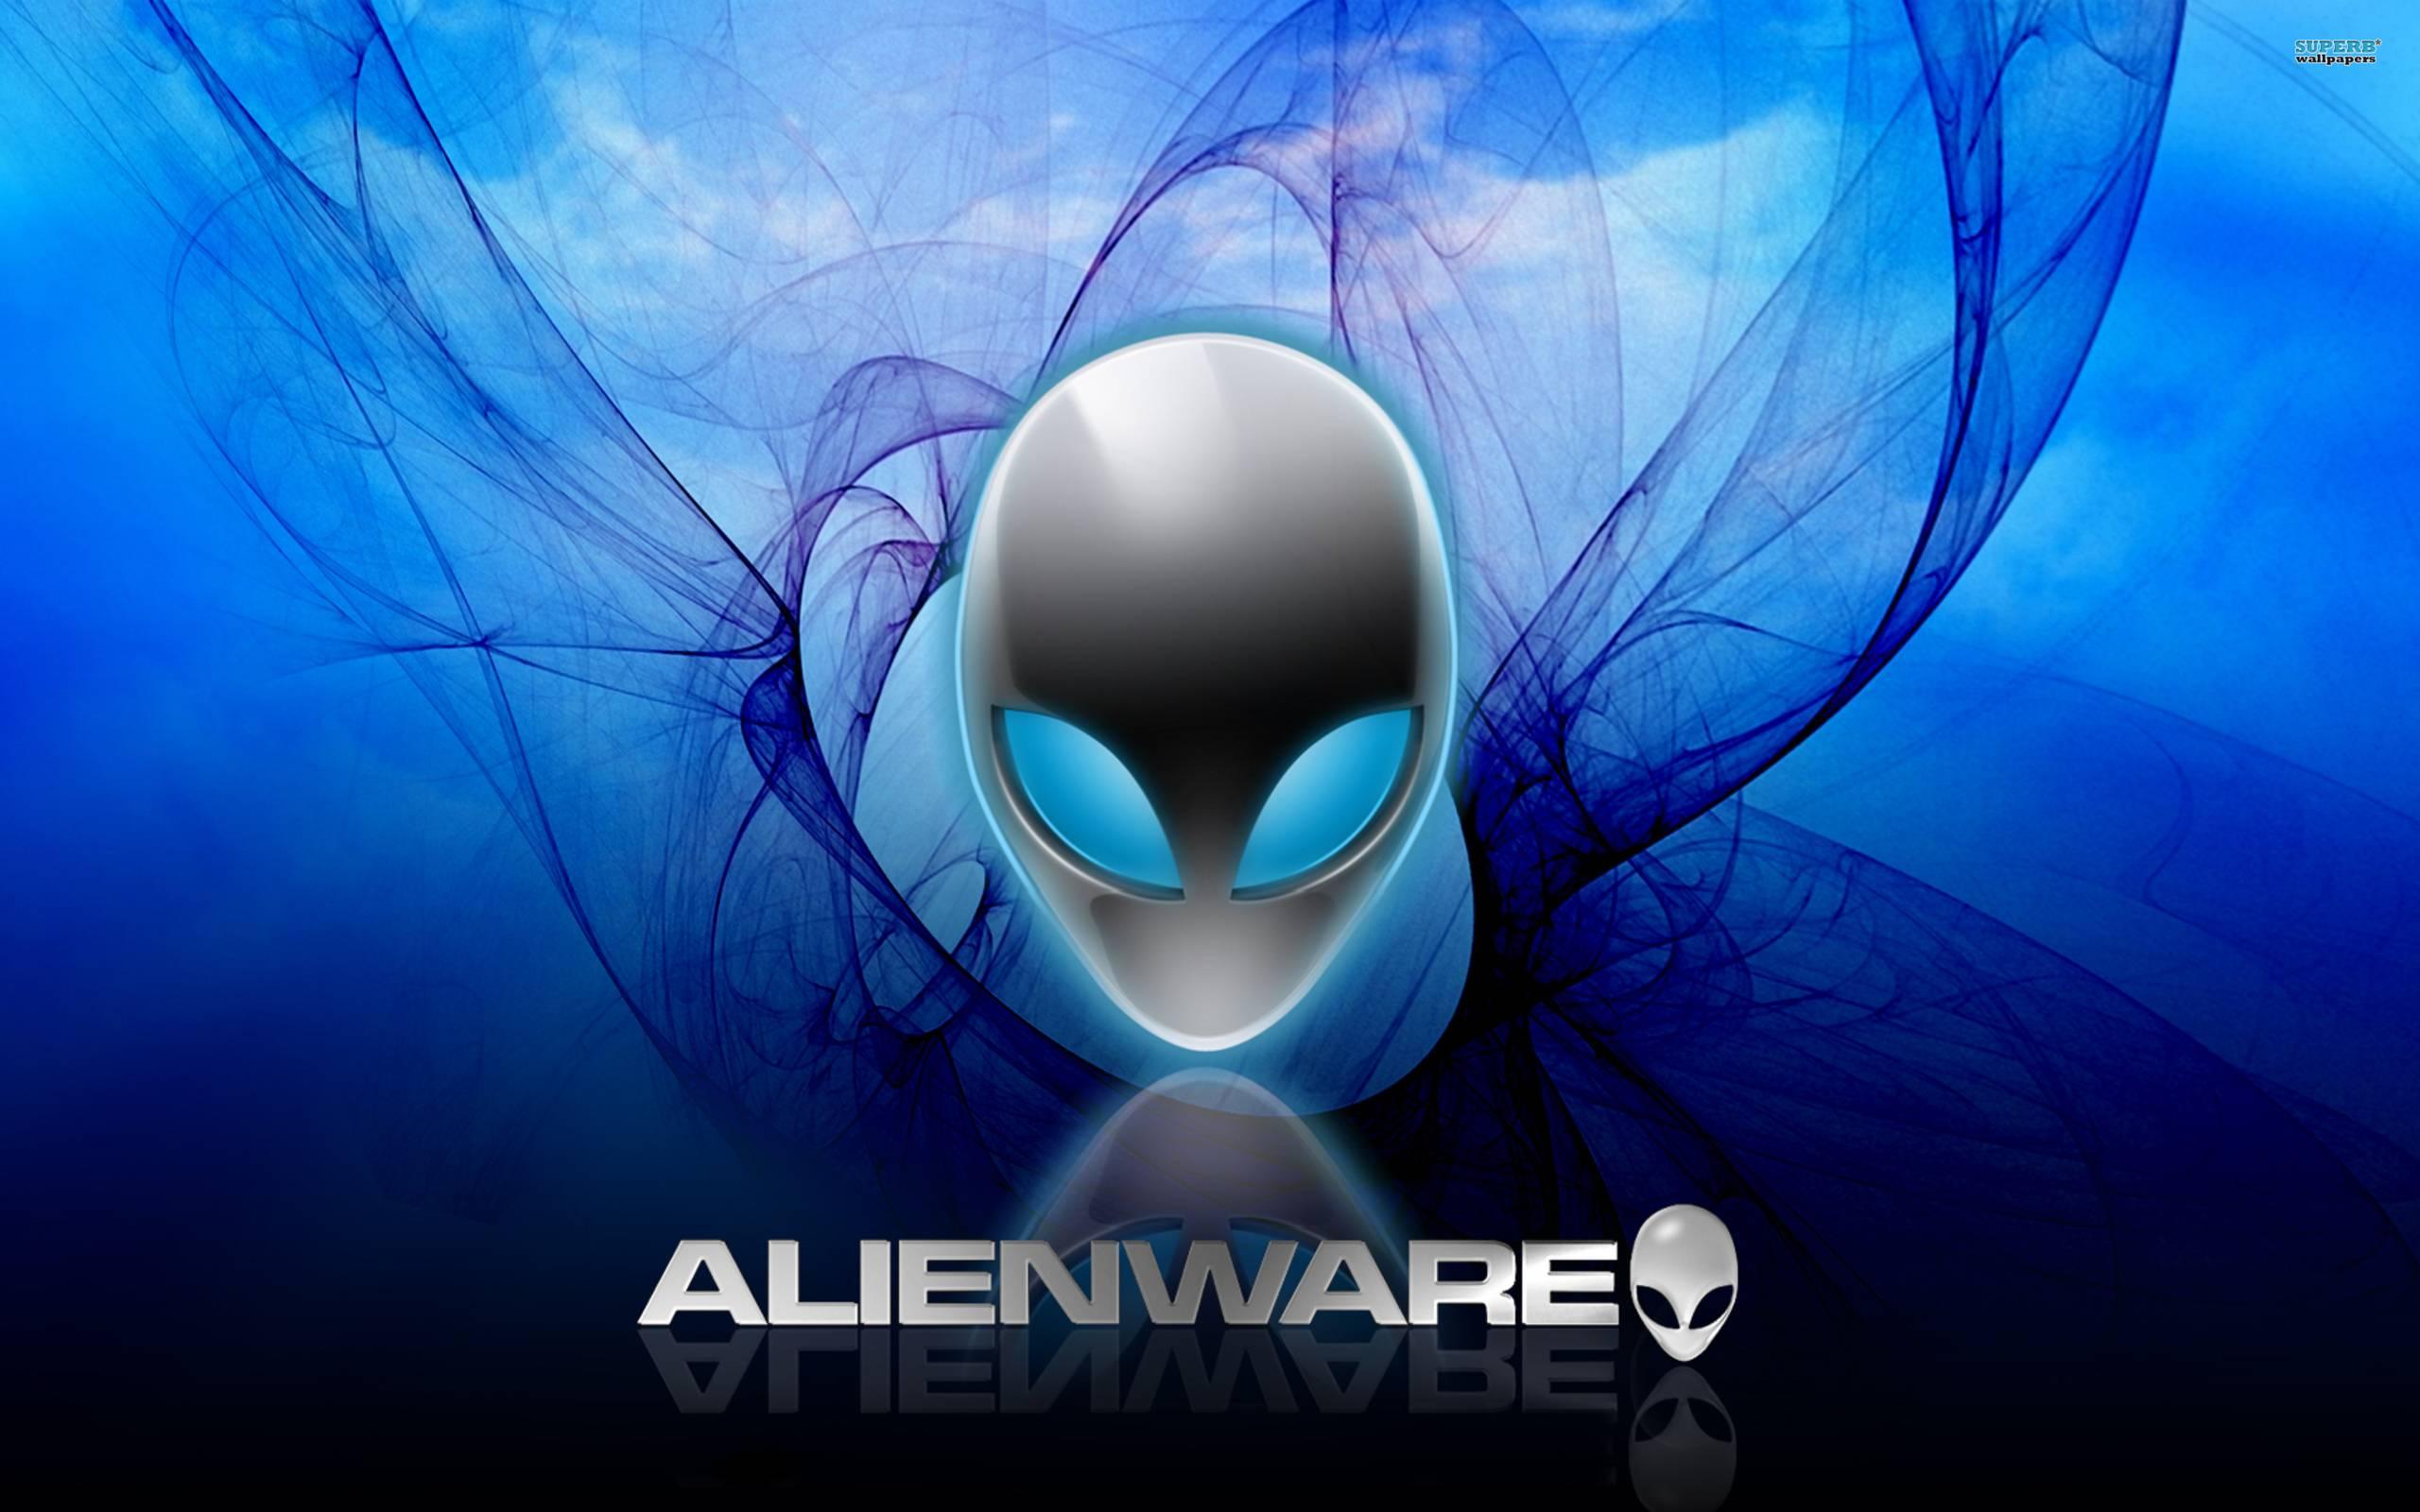 alienware hd wallpapers wallpaper cave